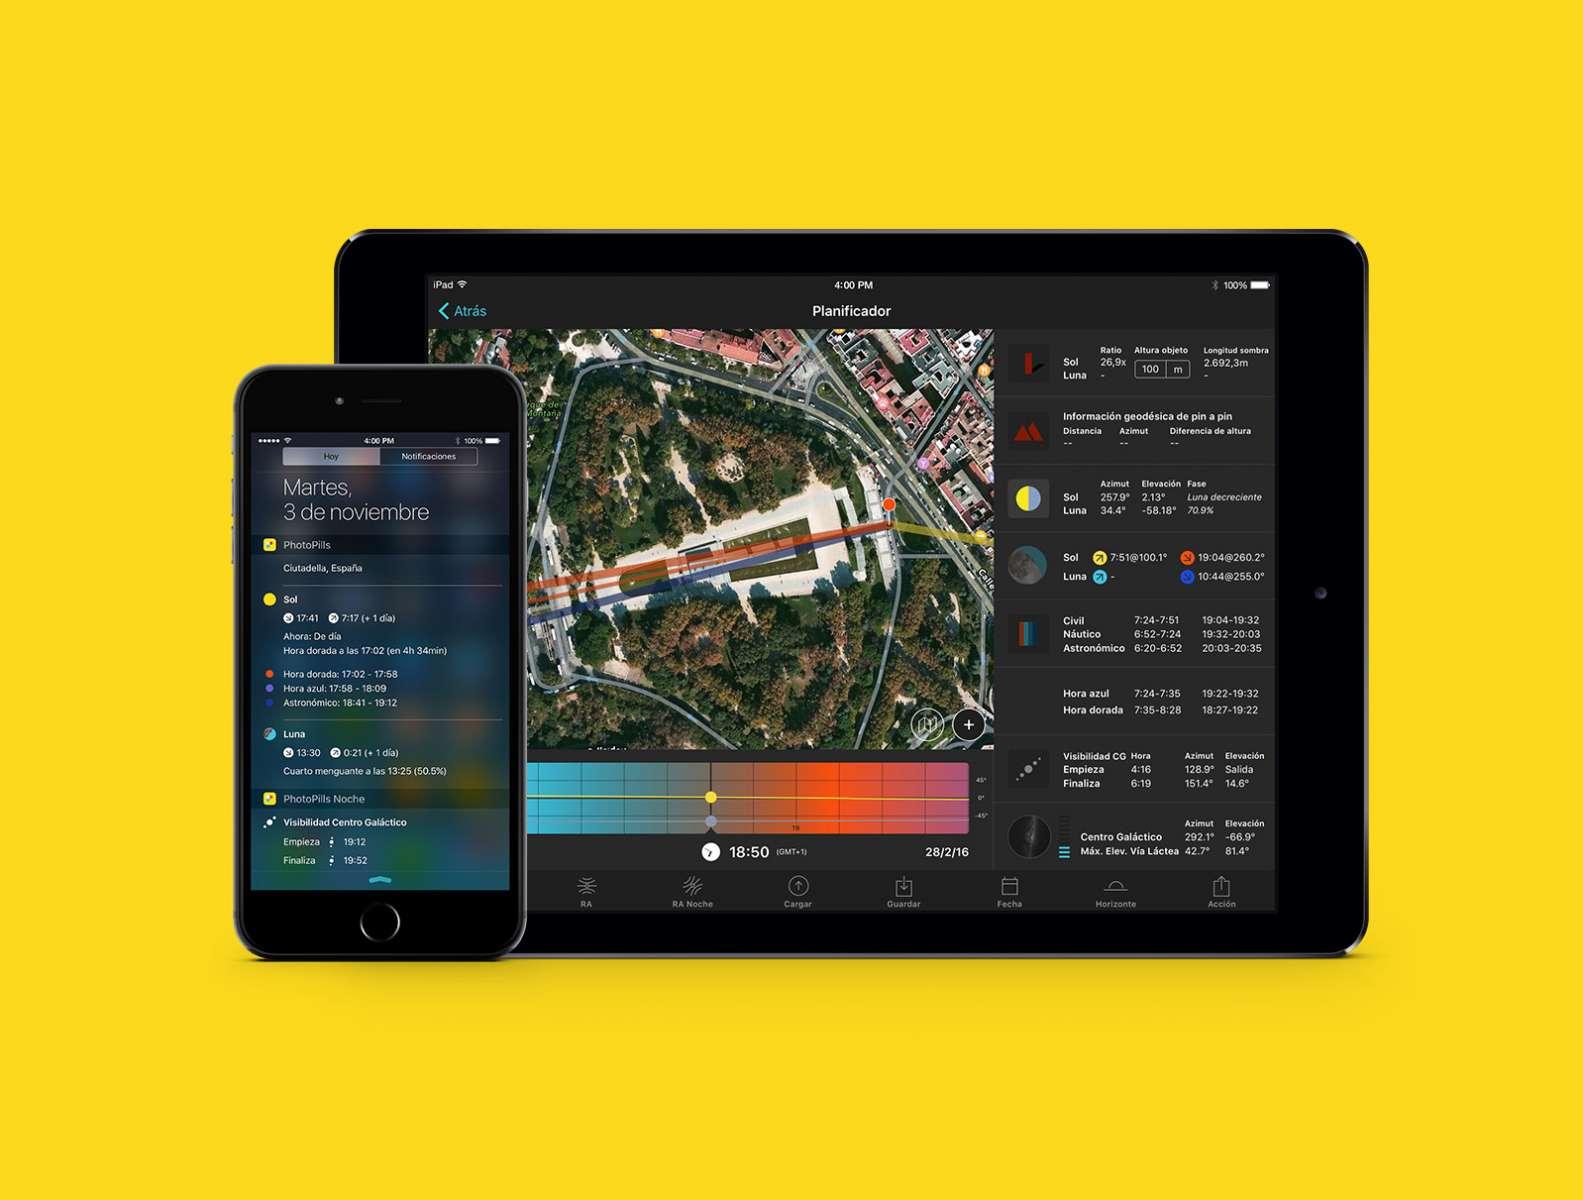 Composición - Planificador y Widgets